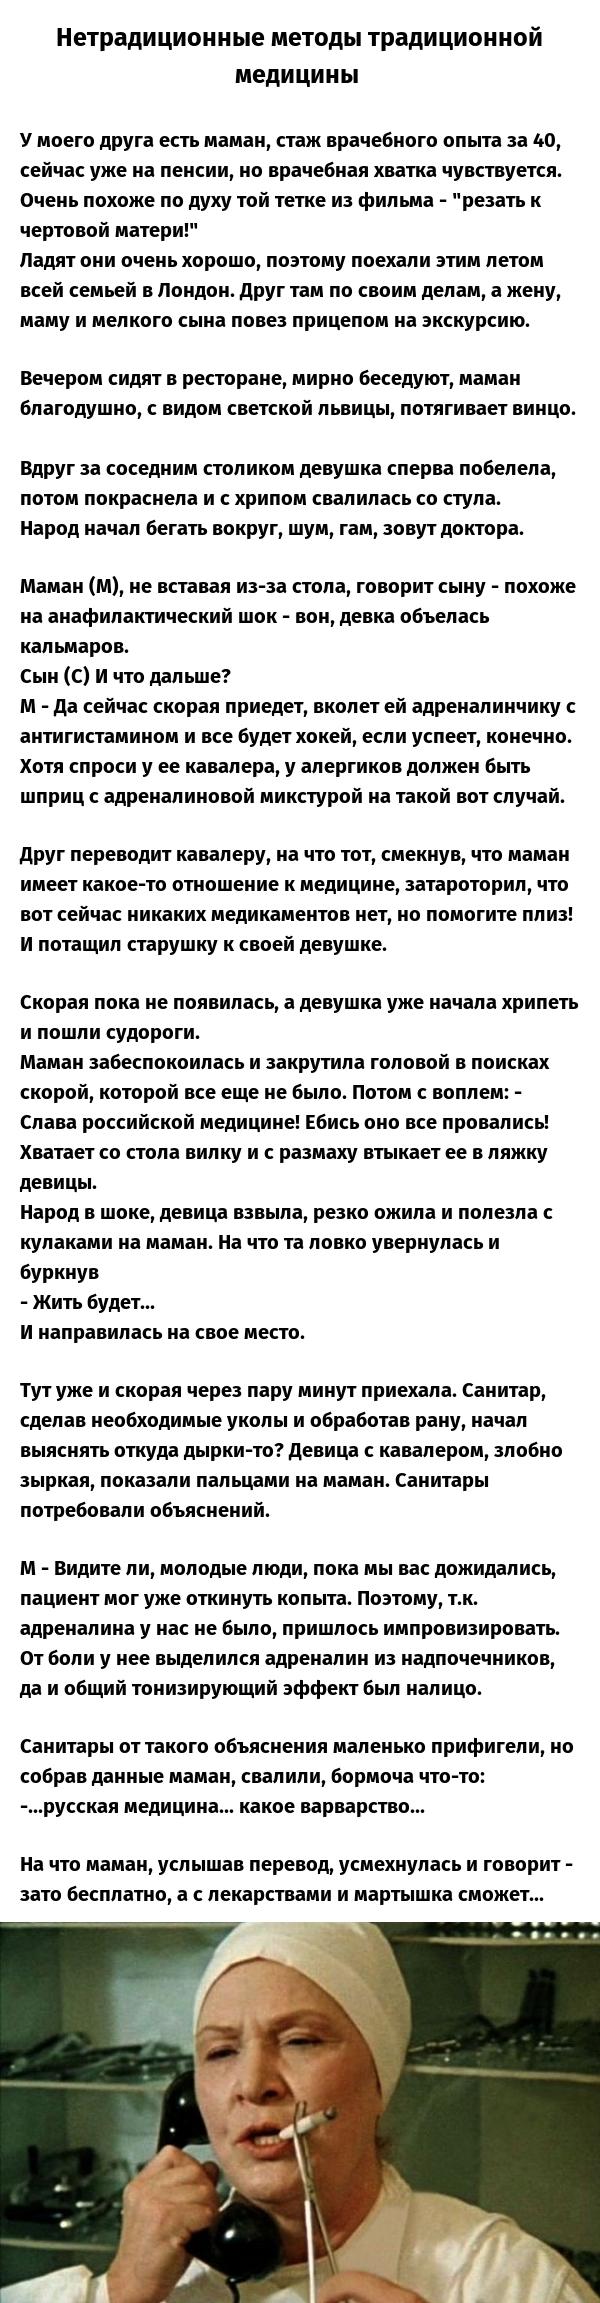 Русская медицина. Длиннопост, Первый пост, Пост, Первый длиннопост, Врачи, Будь здоров